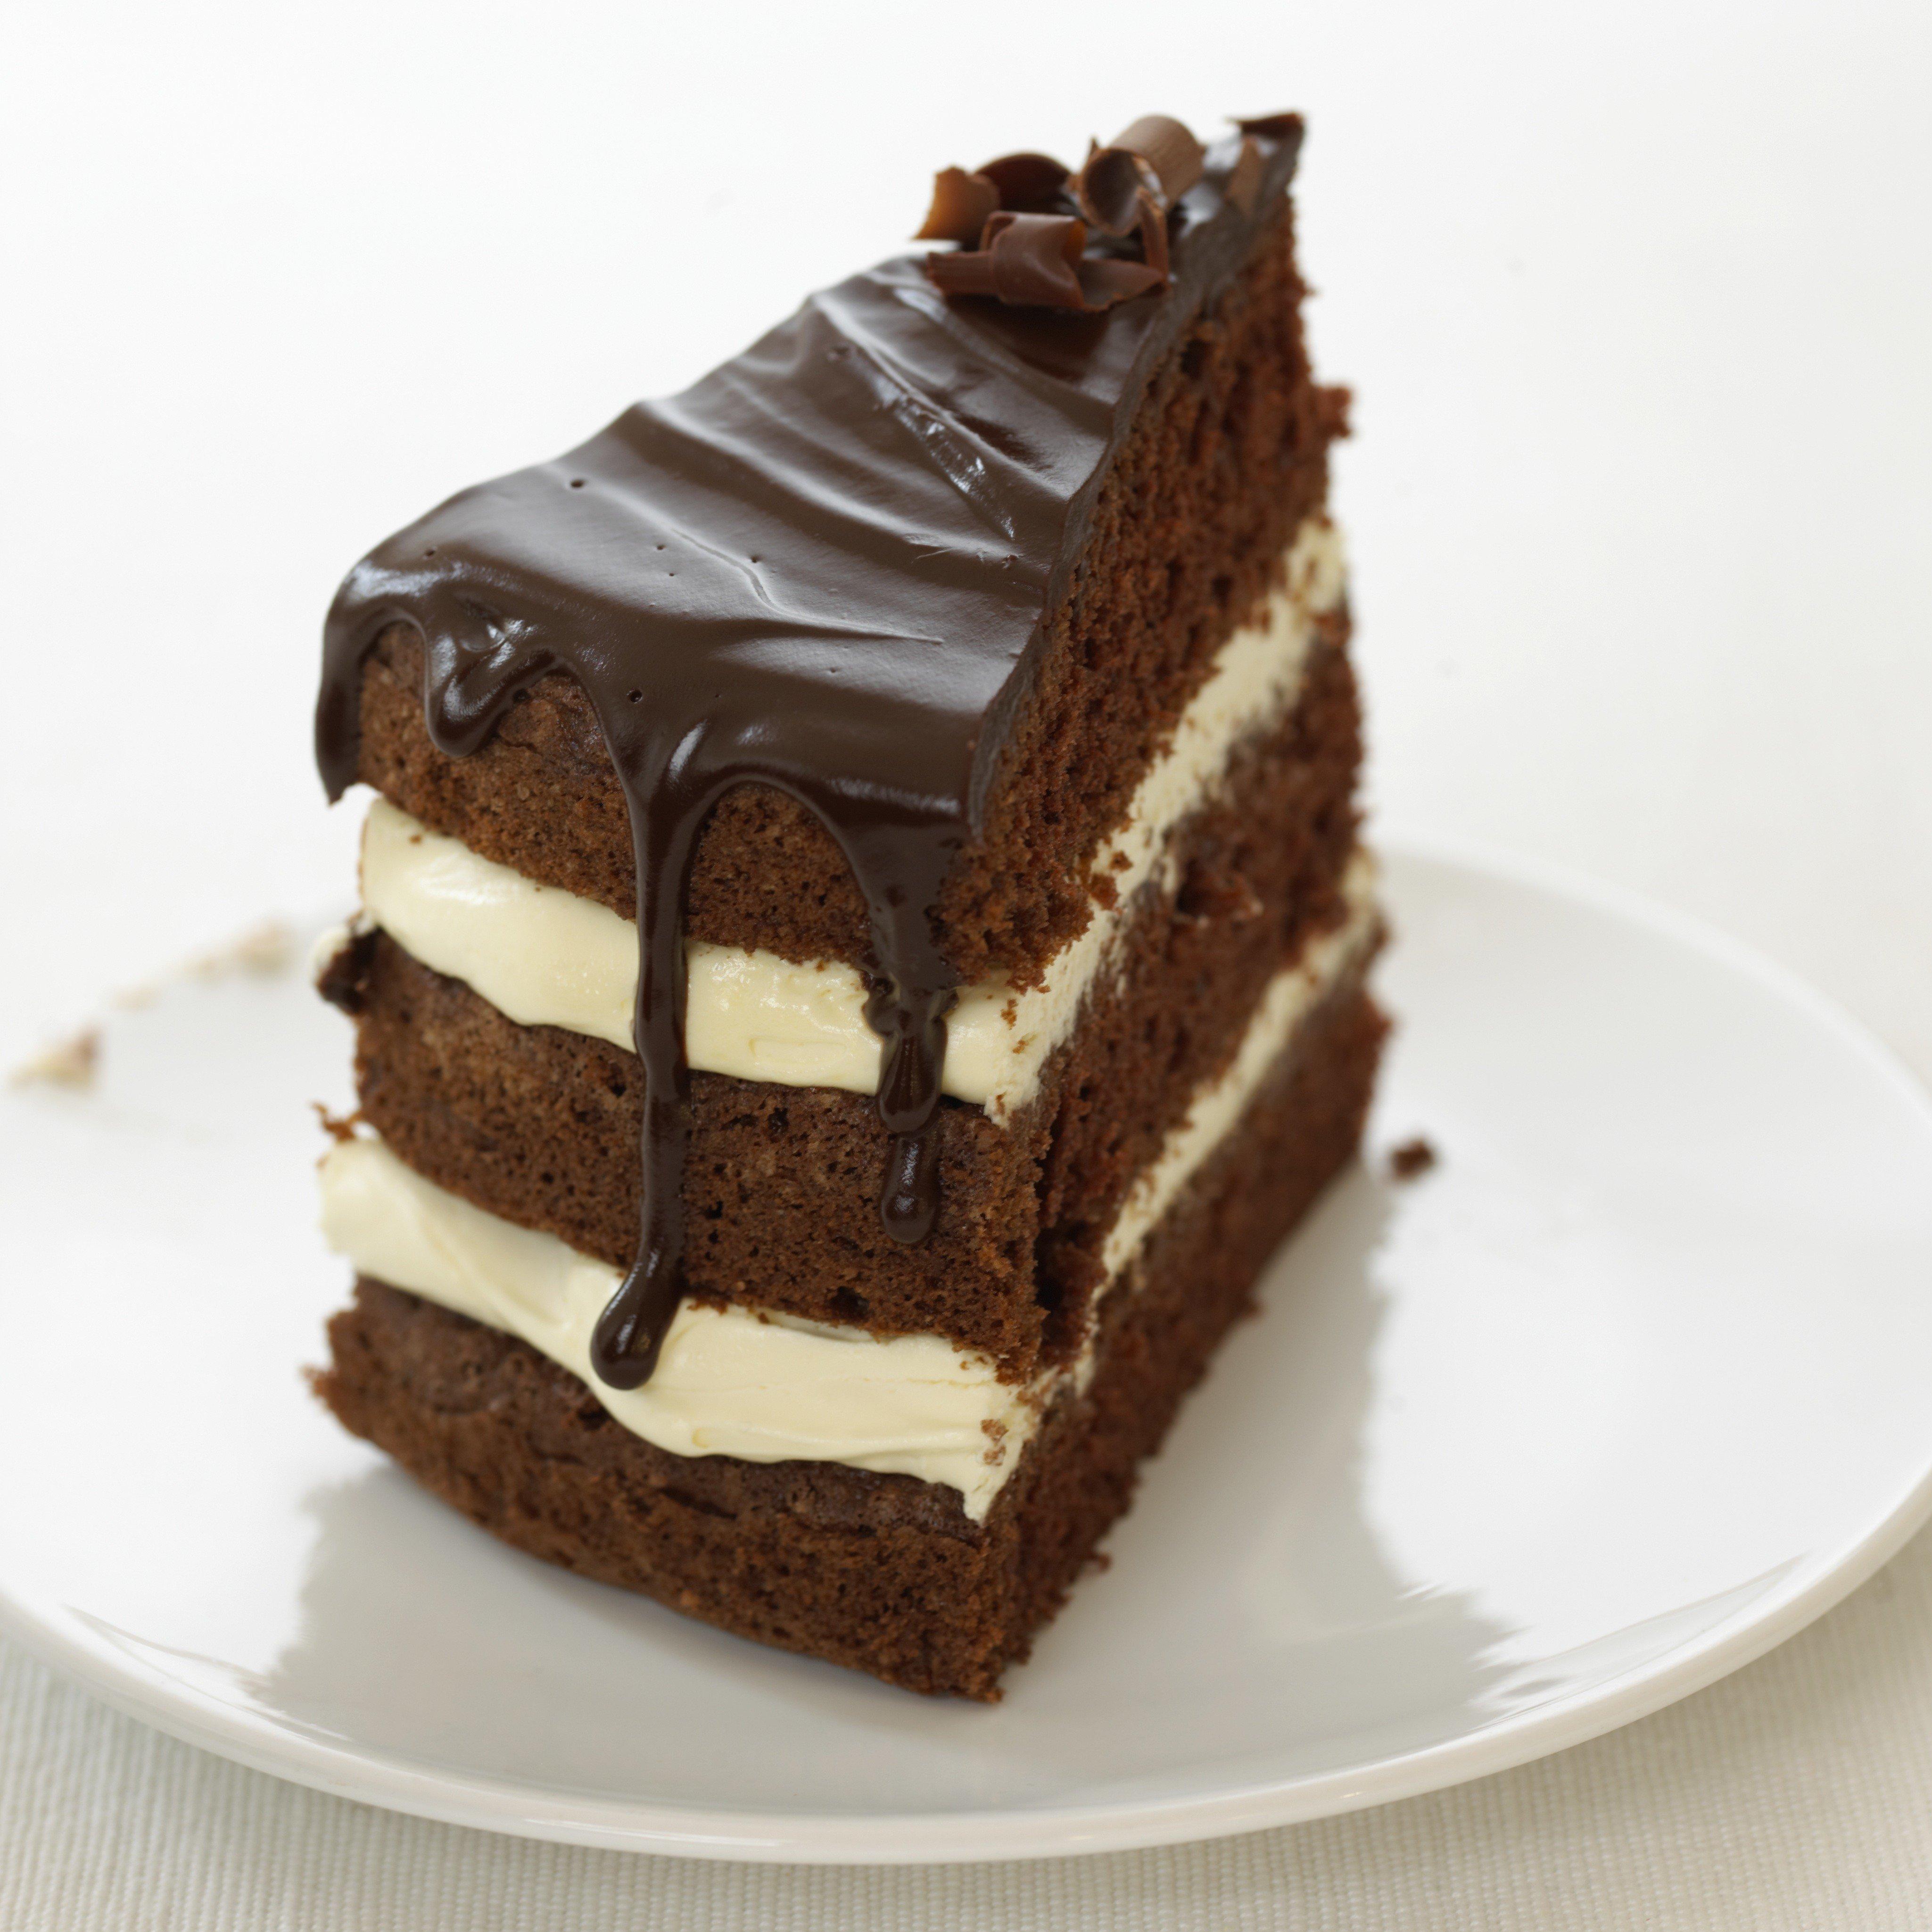 сверху, рецепт торта поцелуй негра с фото можно использовать лаконичные